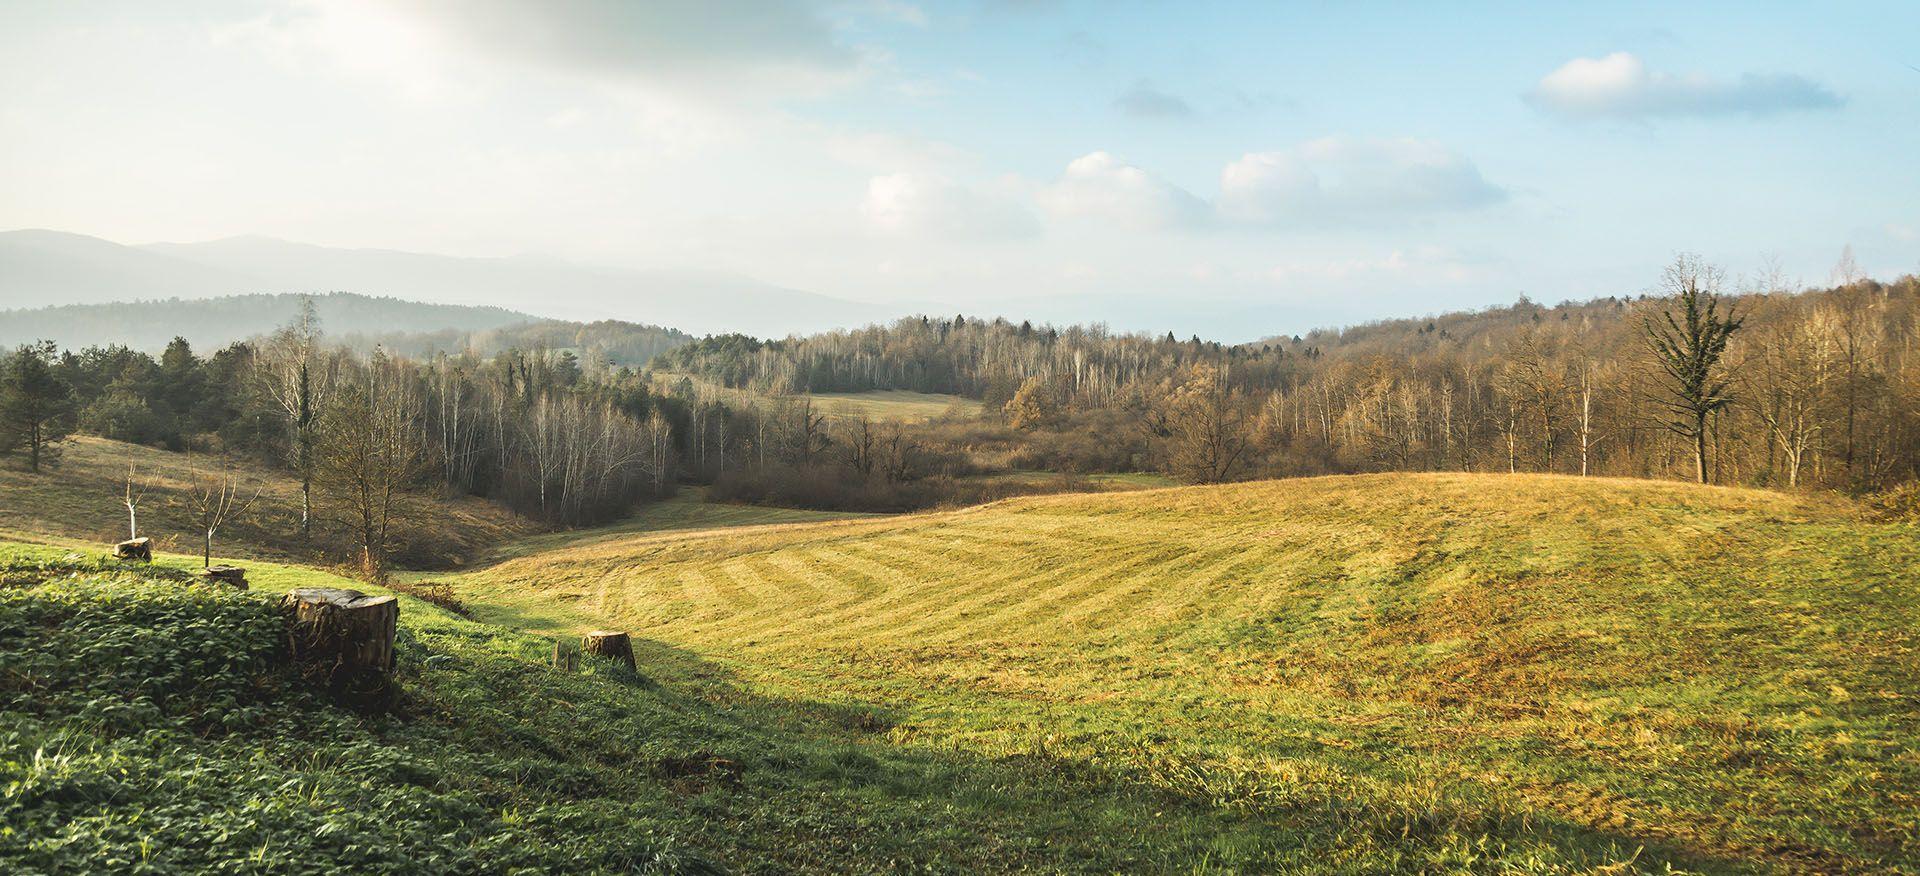 Jesen v Krajinskem parku Lahinja, avtor: Uroš Raztresen